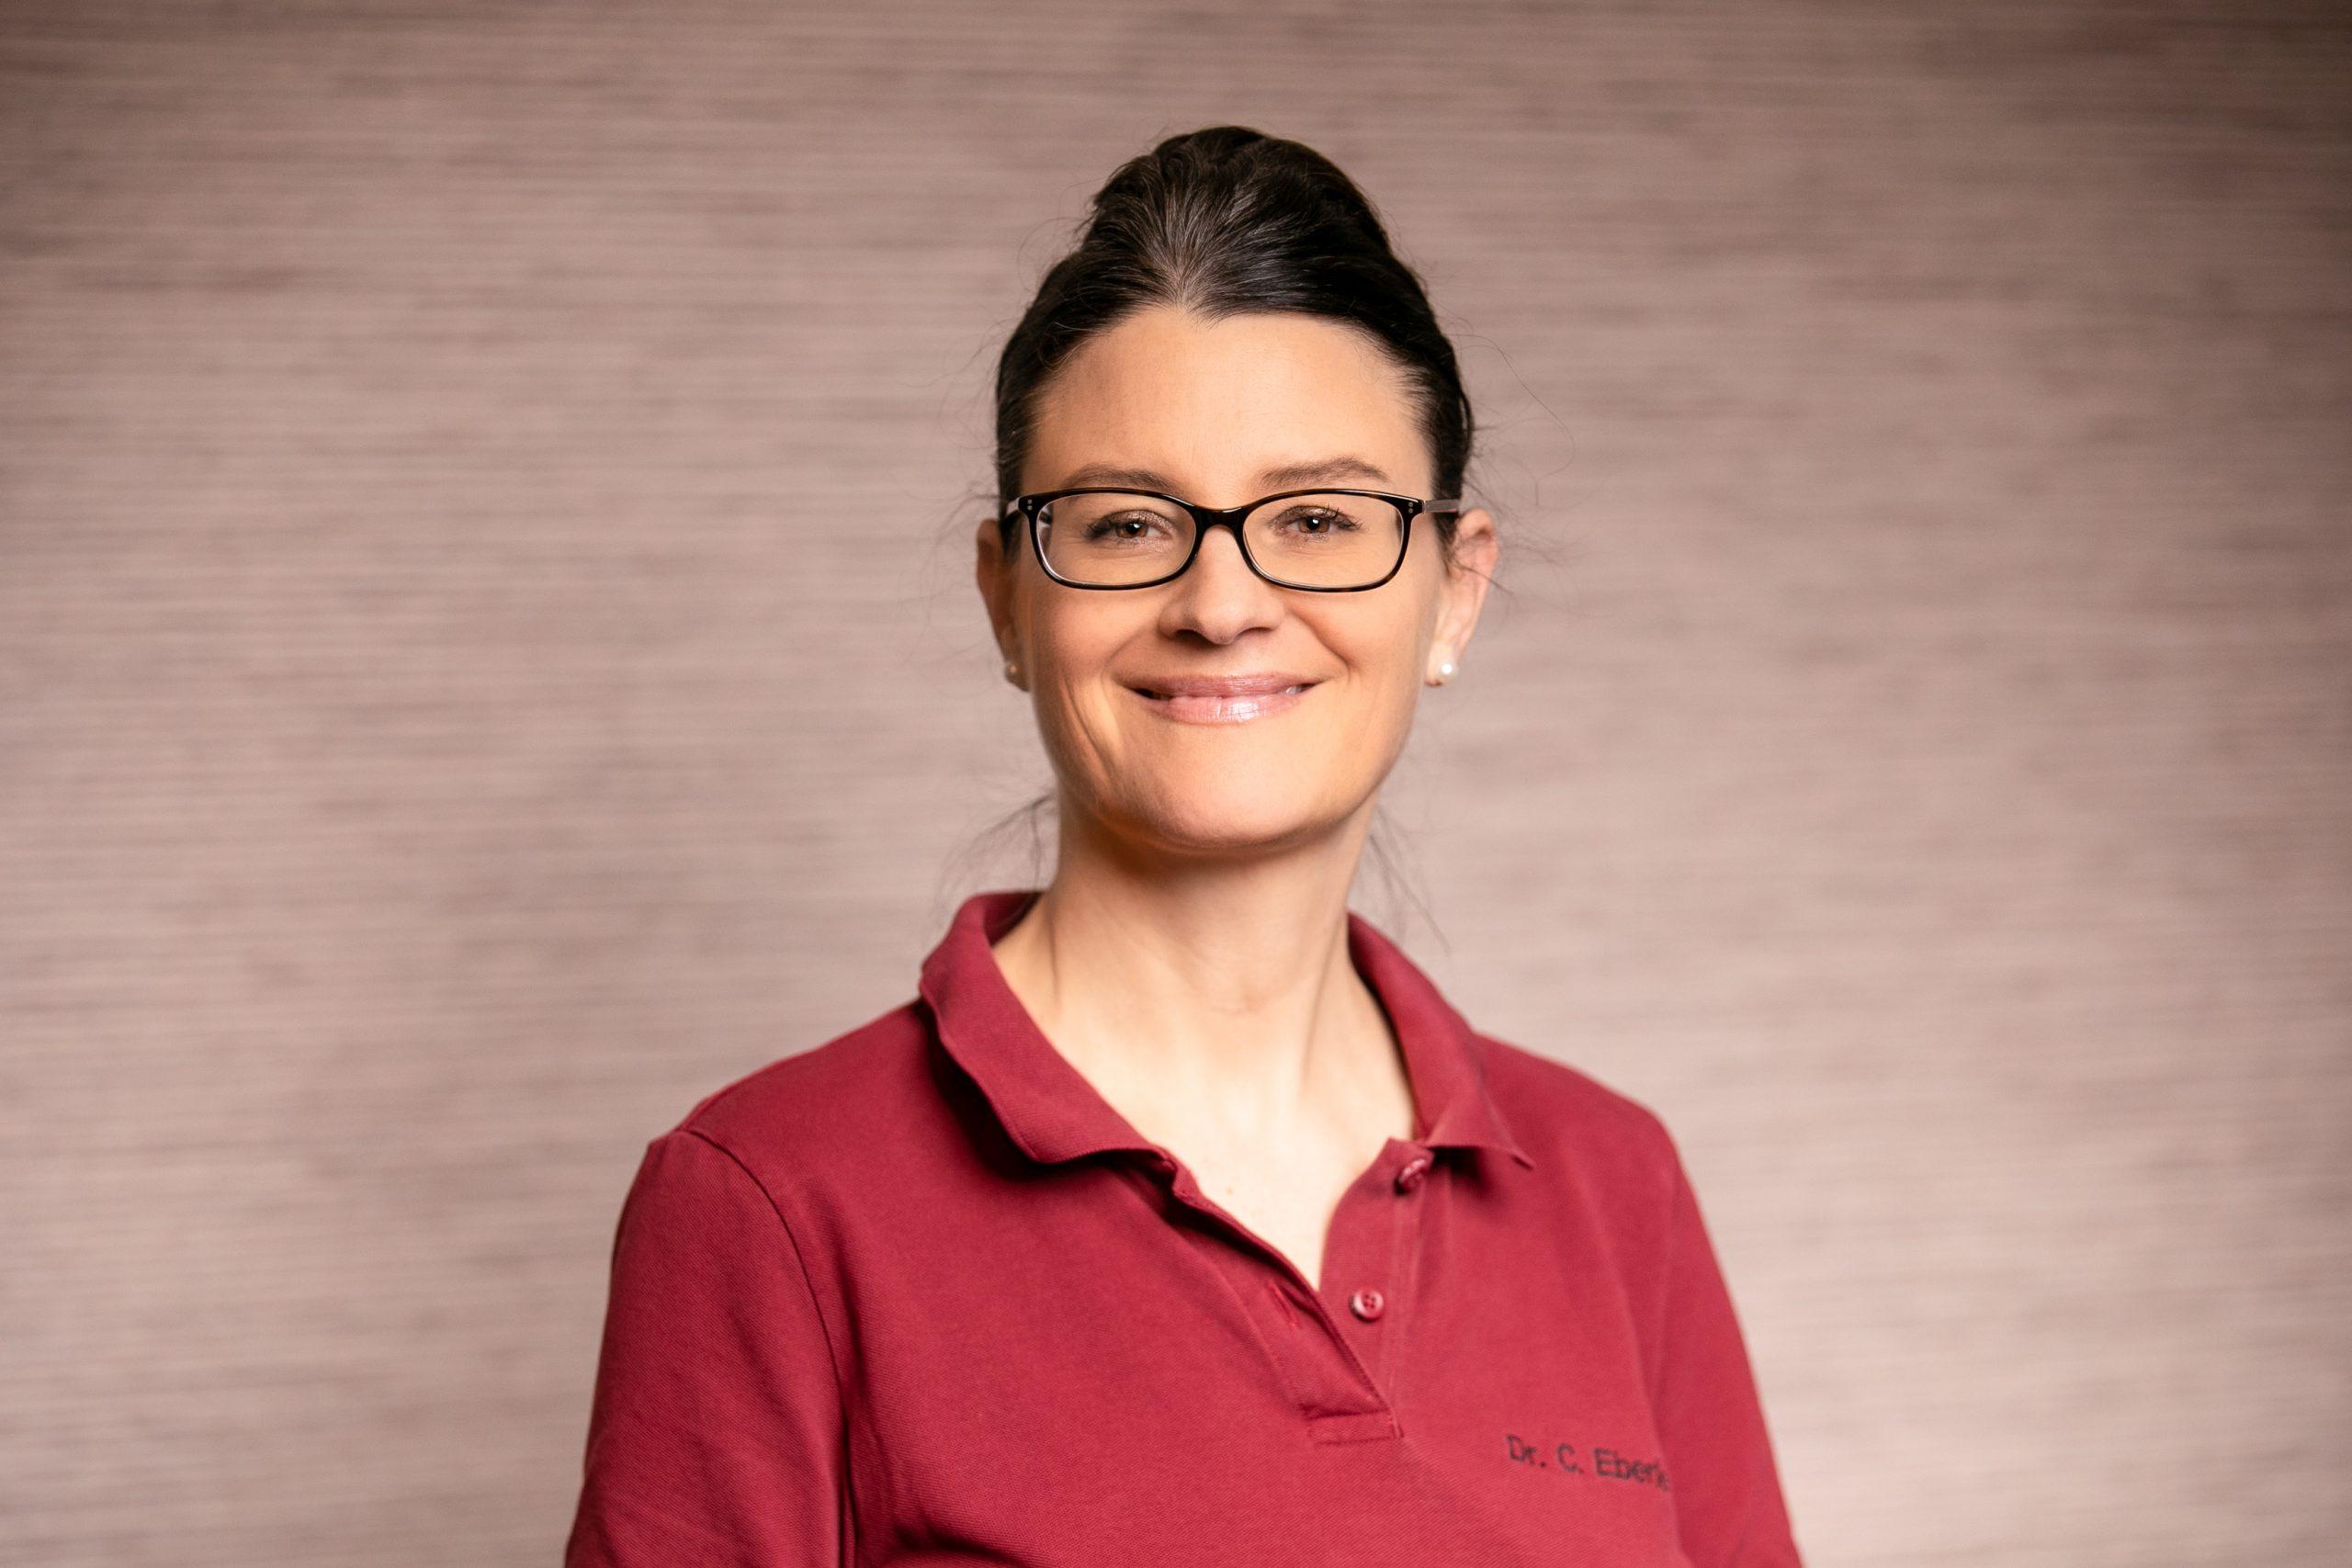 Dr. med. Christine Eberle